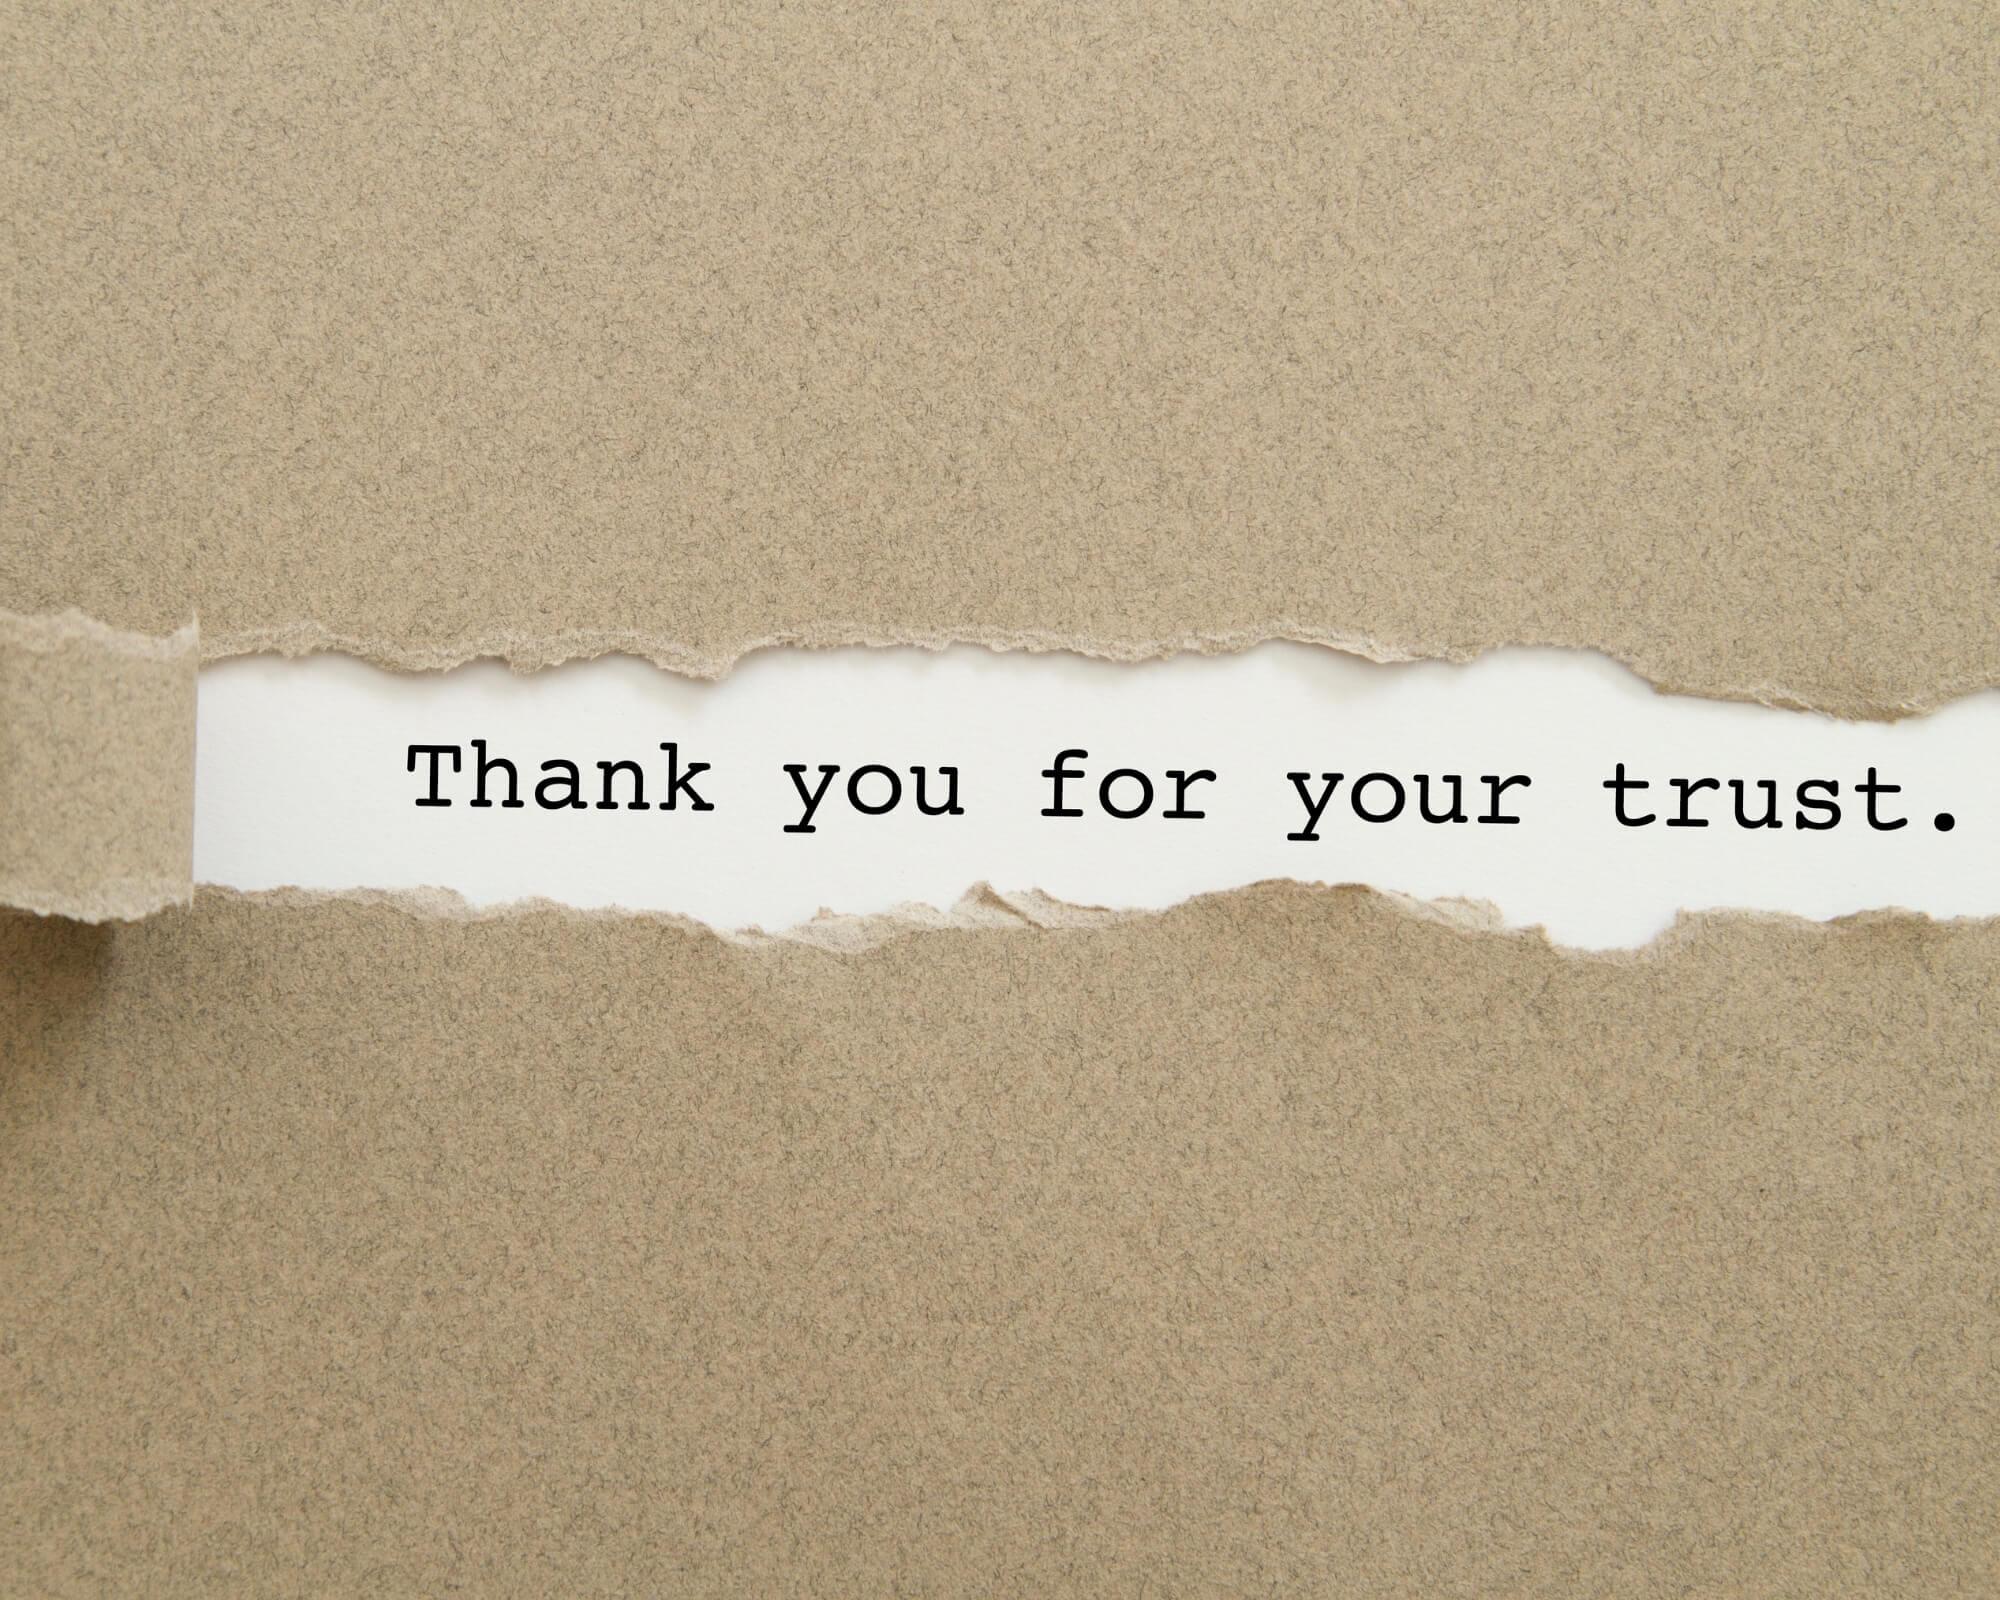 nota de agradecimiento escrita a ordenador